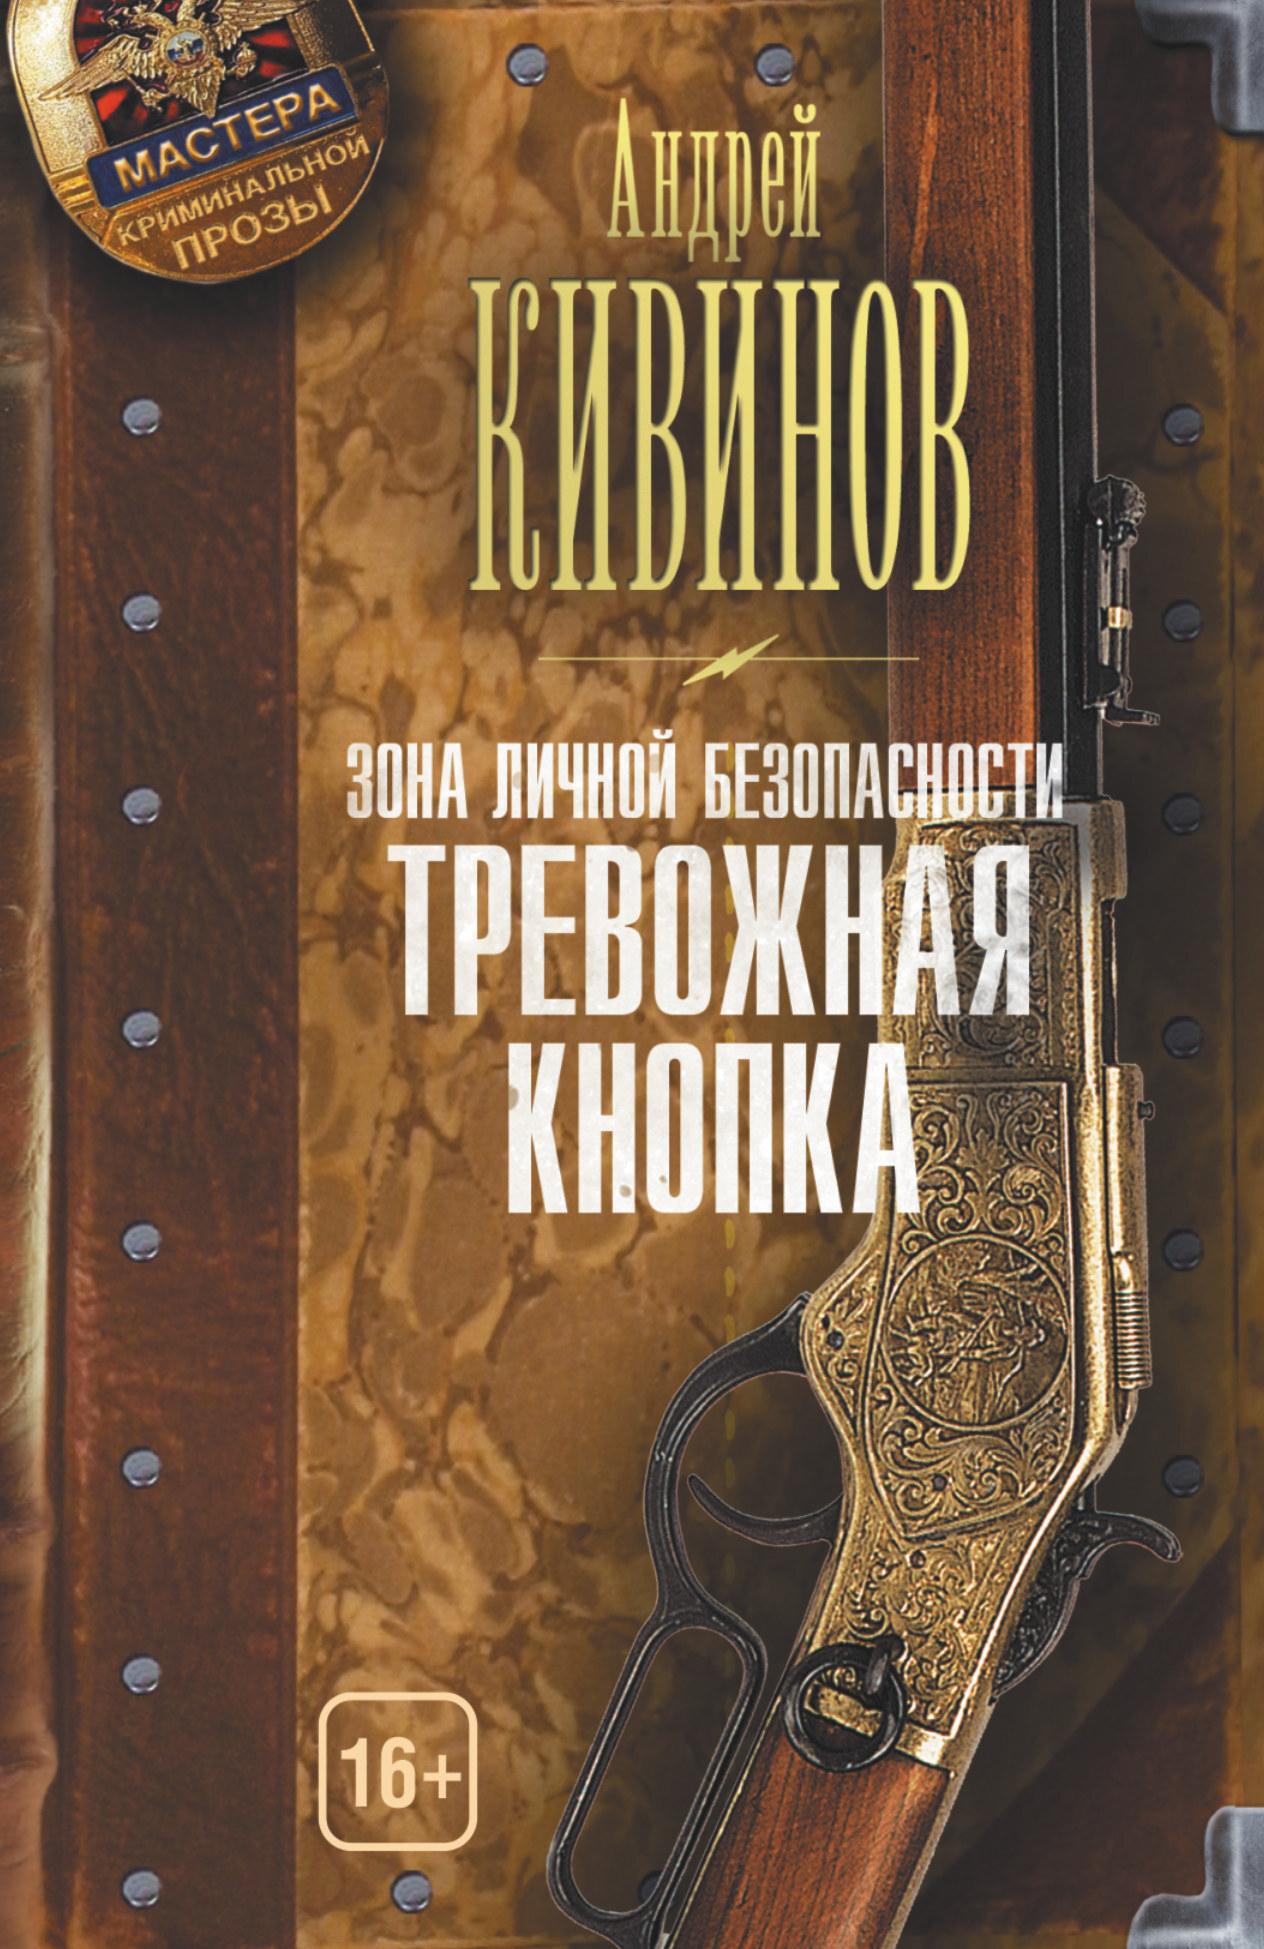 Твер Марк Марк Твен. Избранные произведения в 5 томах(комплект из 5 книг)